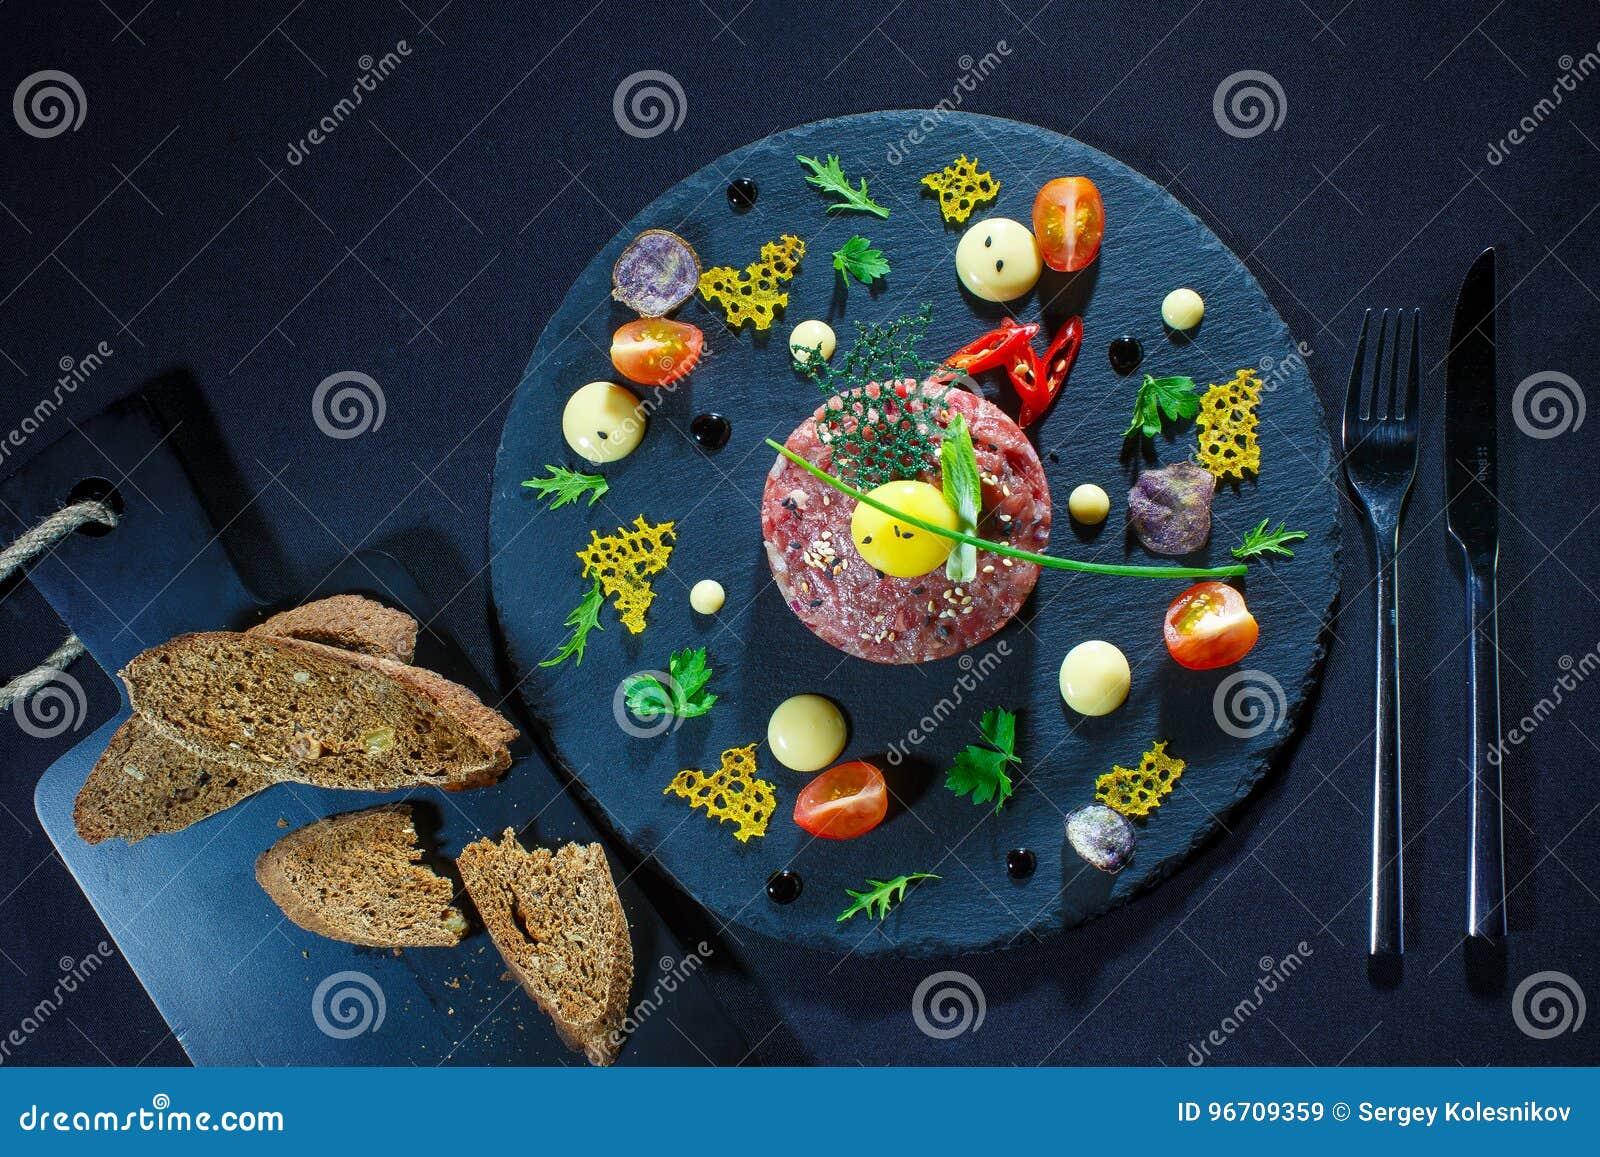 Concept de Plats gastronomiques Les divers casse-croûte et fruits, veggies ajournent f